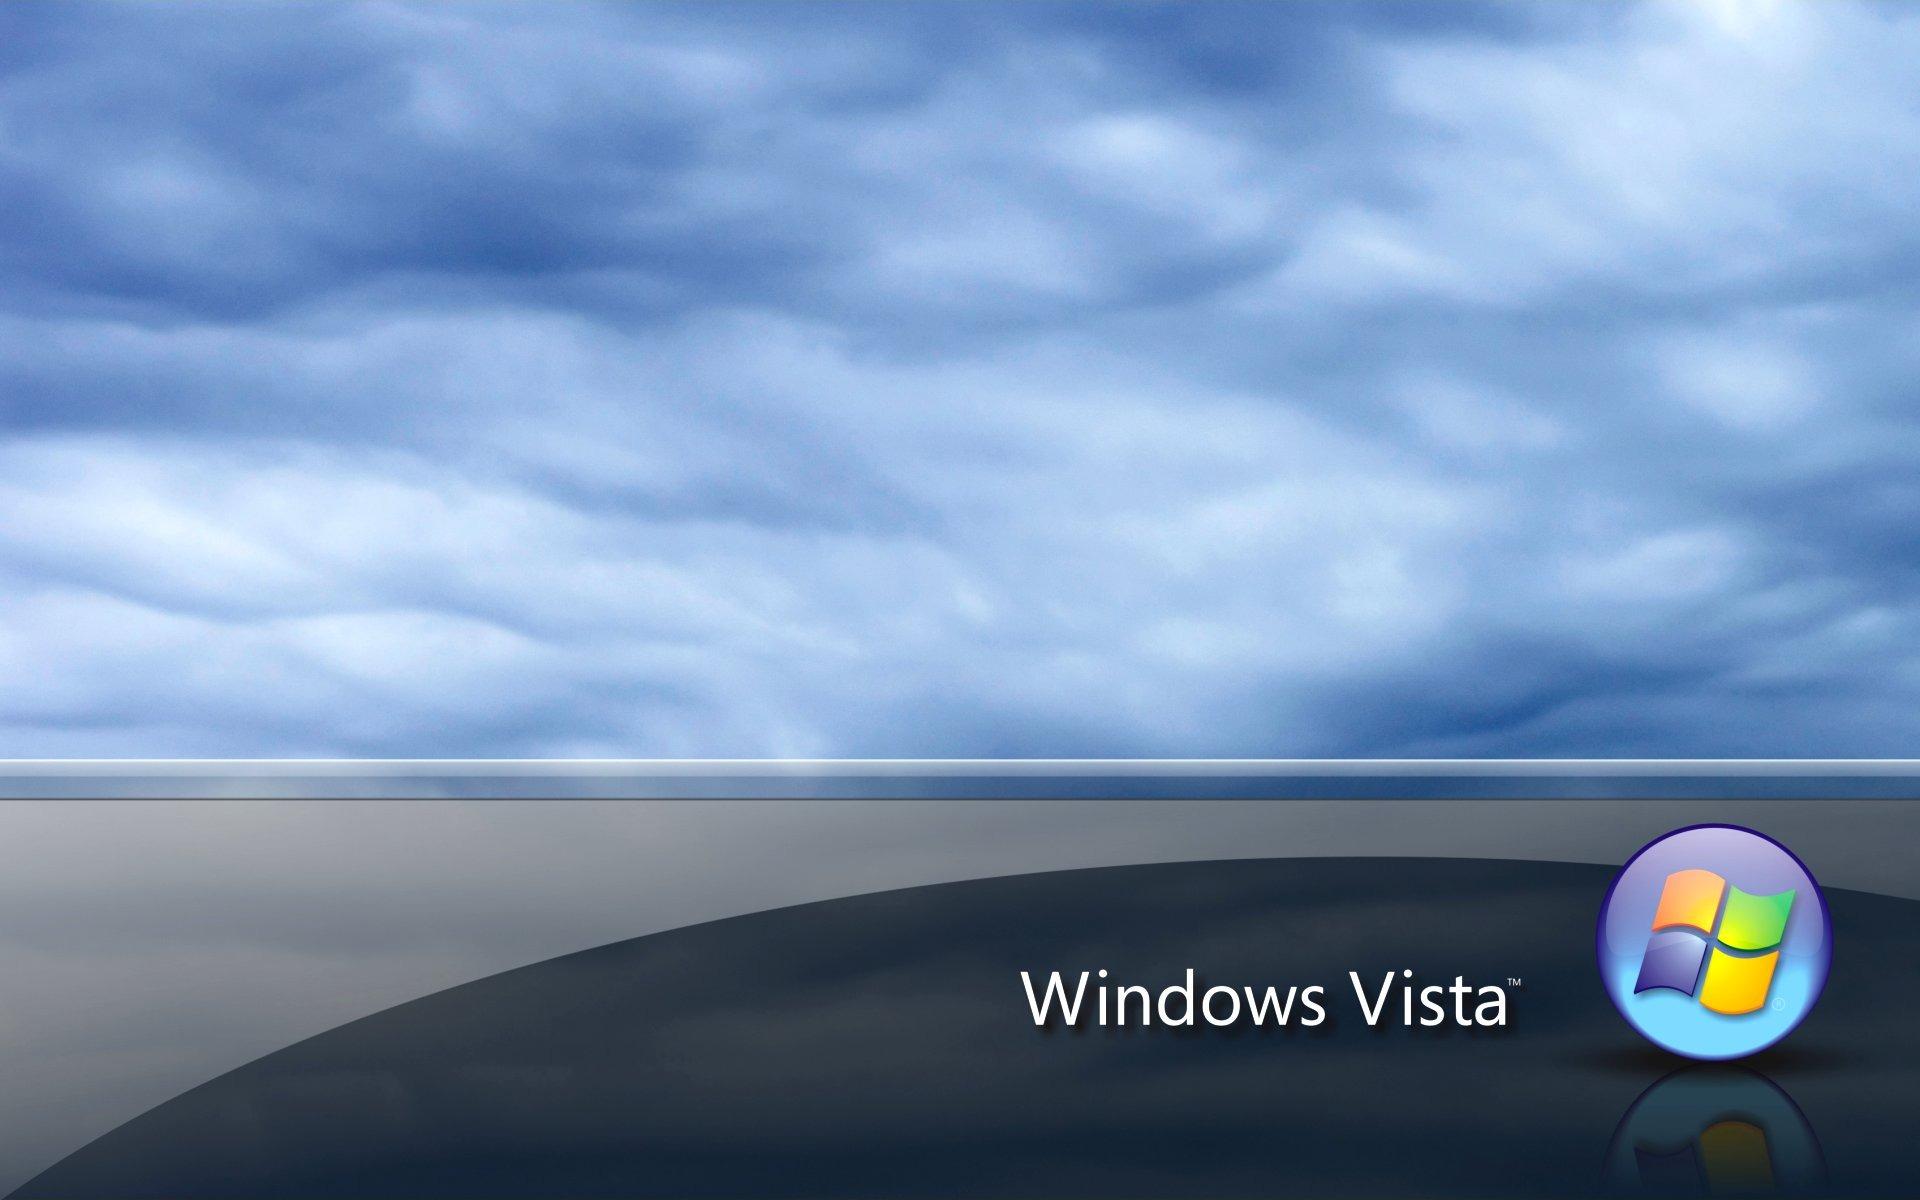 vista sky desktop wallpaper windows vista computers wallpapers in